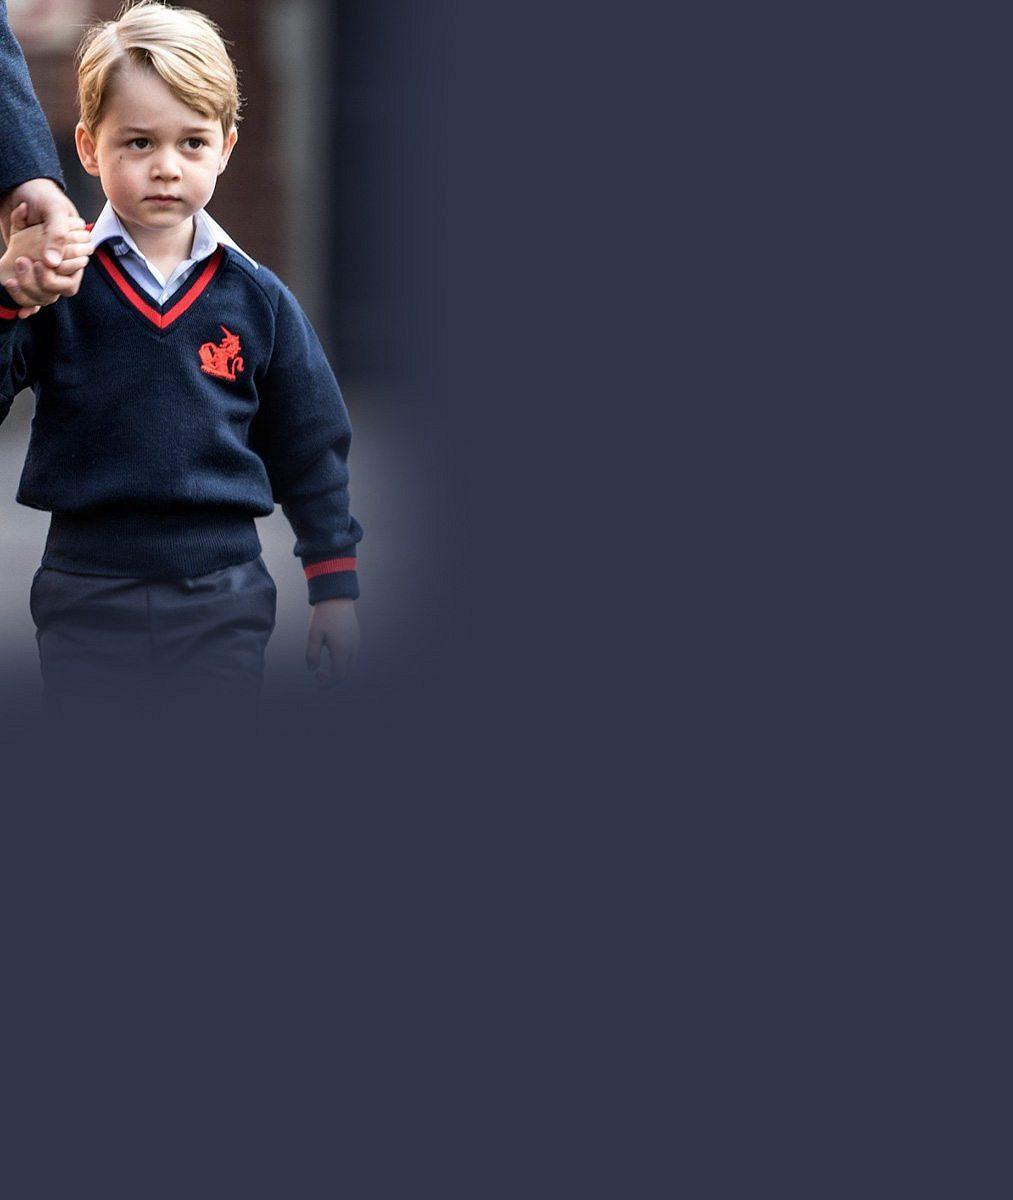 První školní den prince George: Doprovázel jej jen tatínek William, těhotná vévodkyně Kate zůstala doma